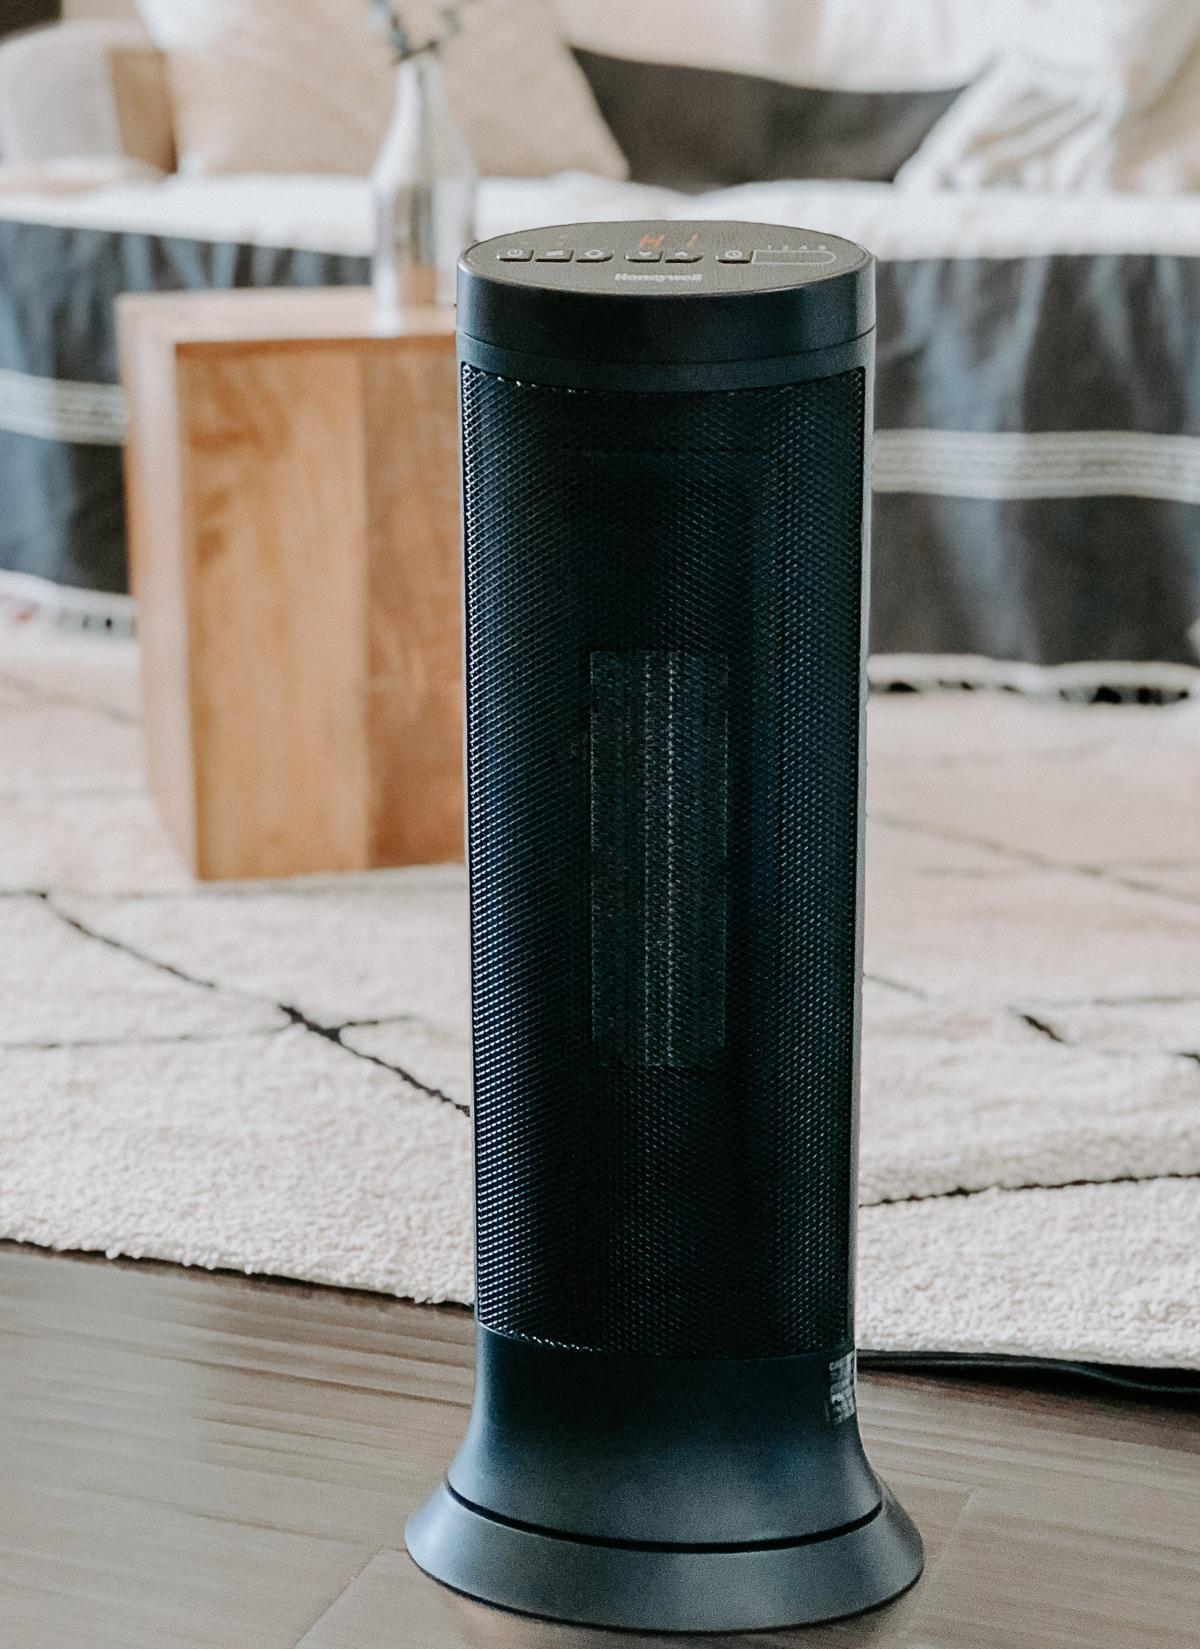 Honeywell Slim Ceramic Tower Heater